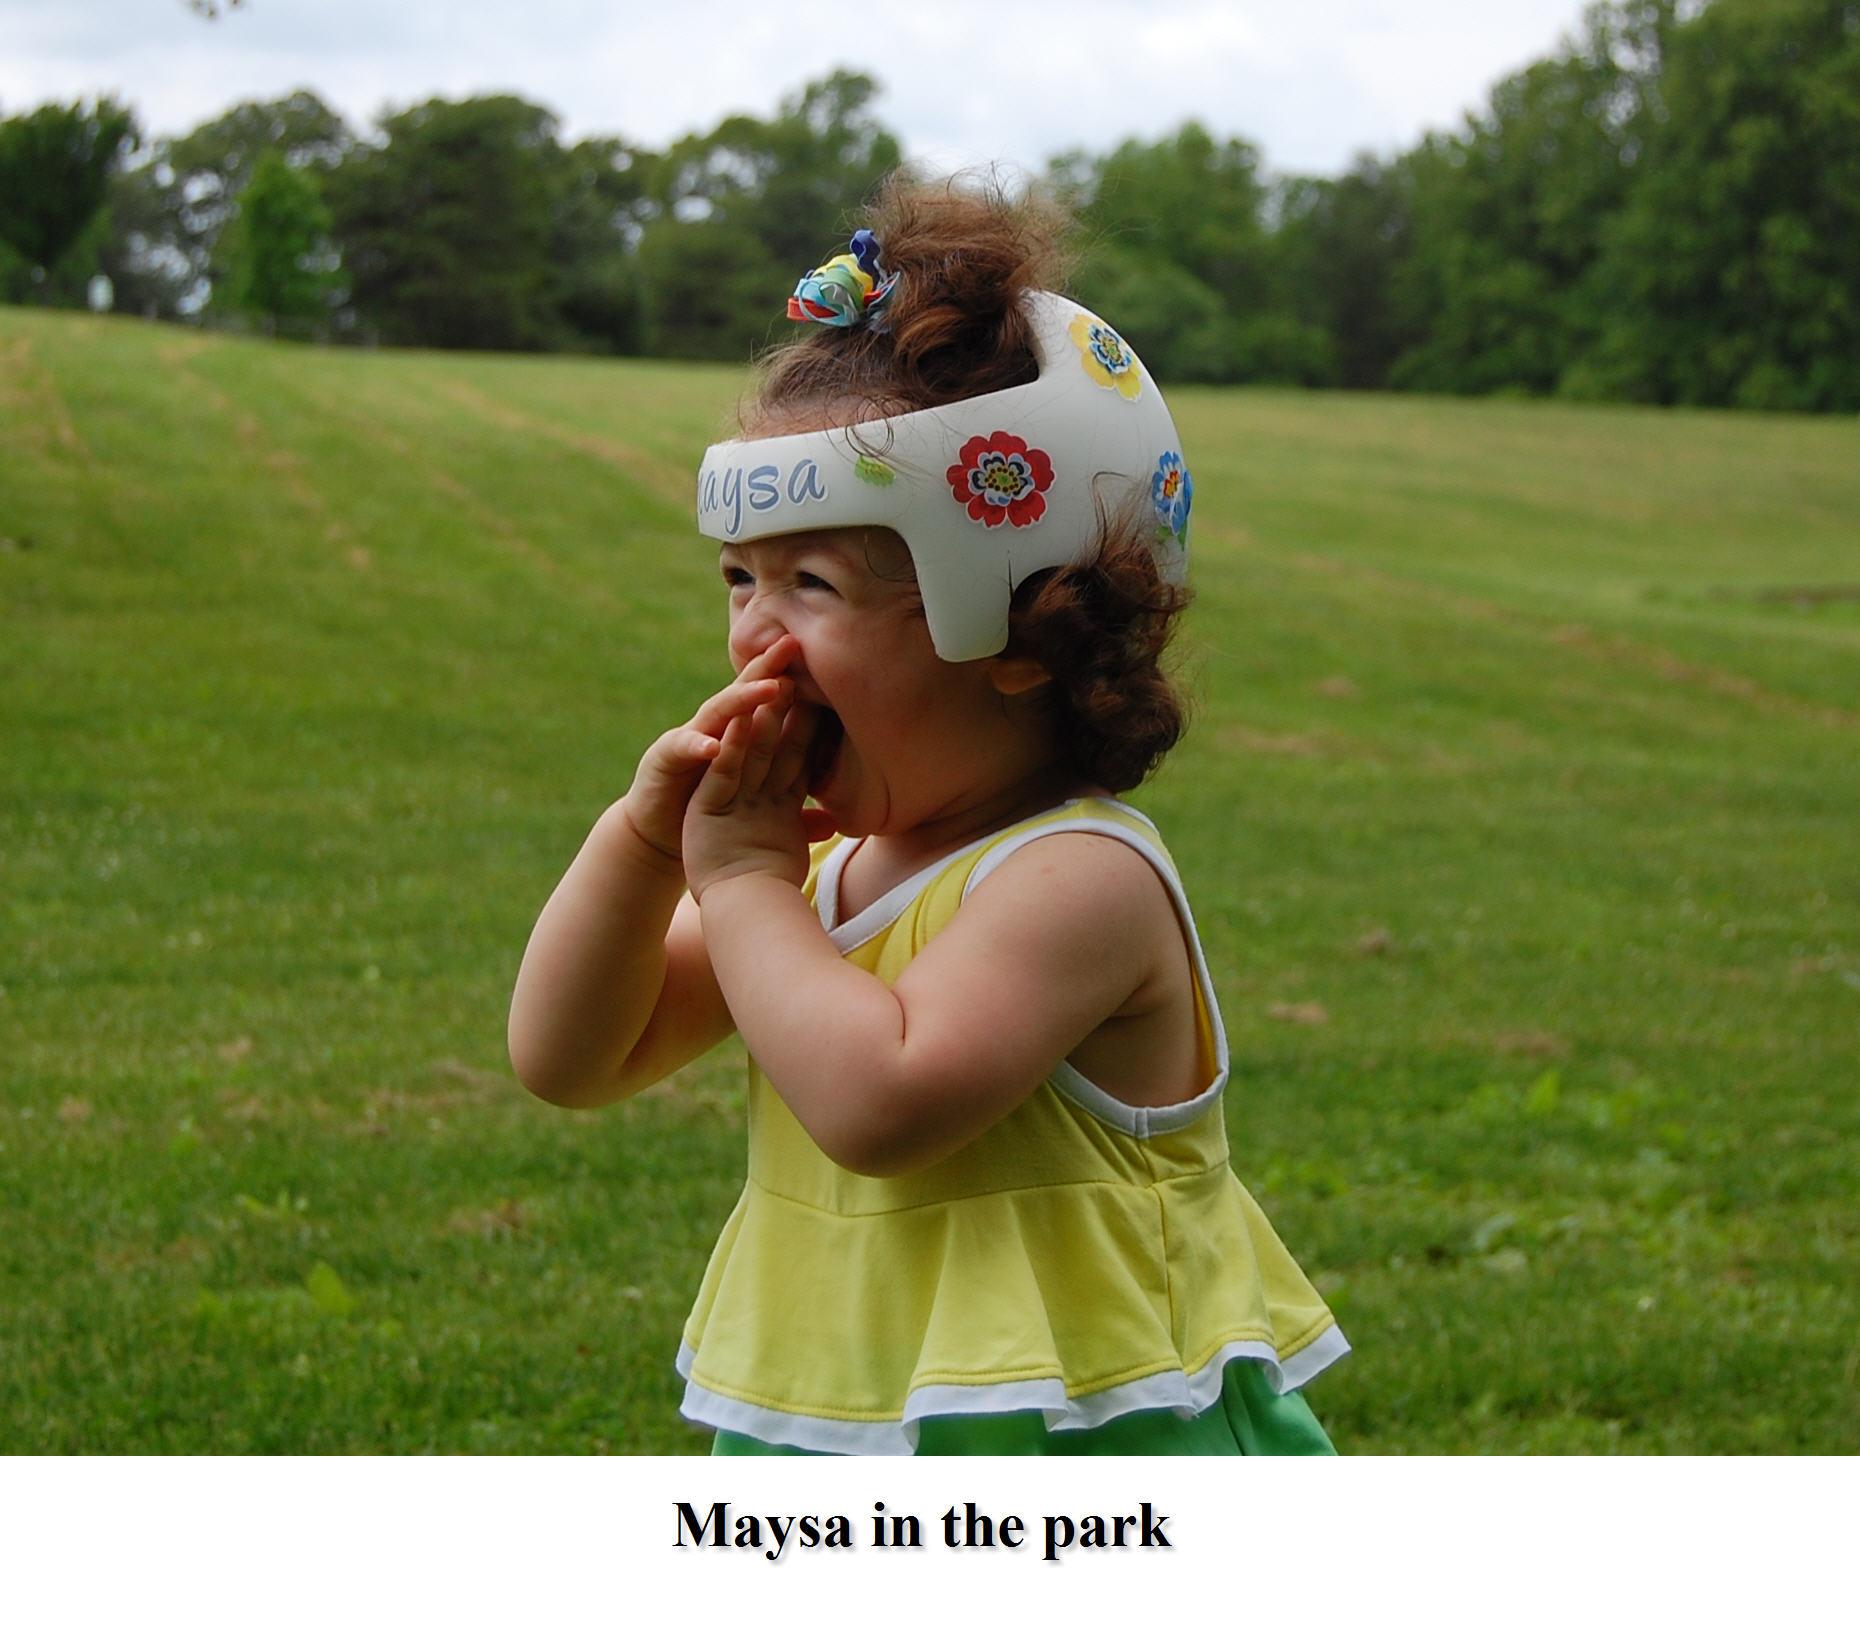 Maysa park